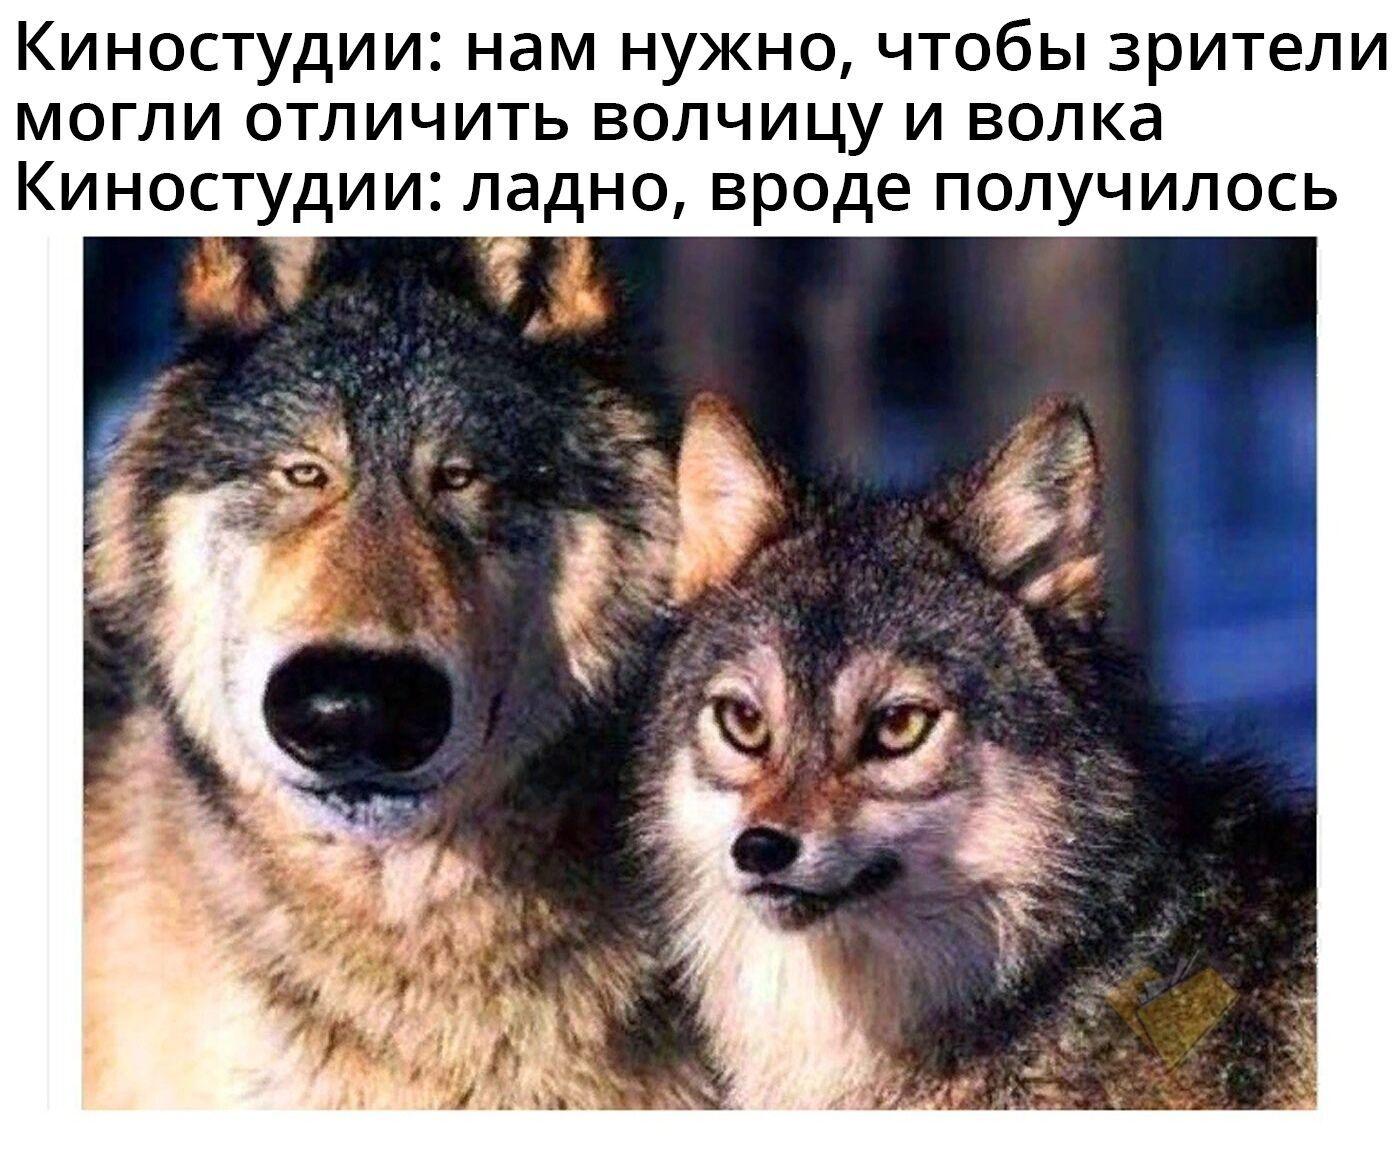 Мем о кино